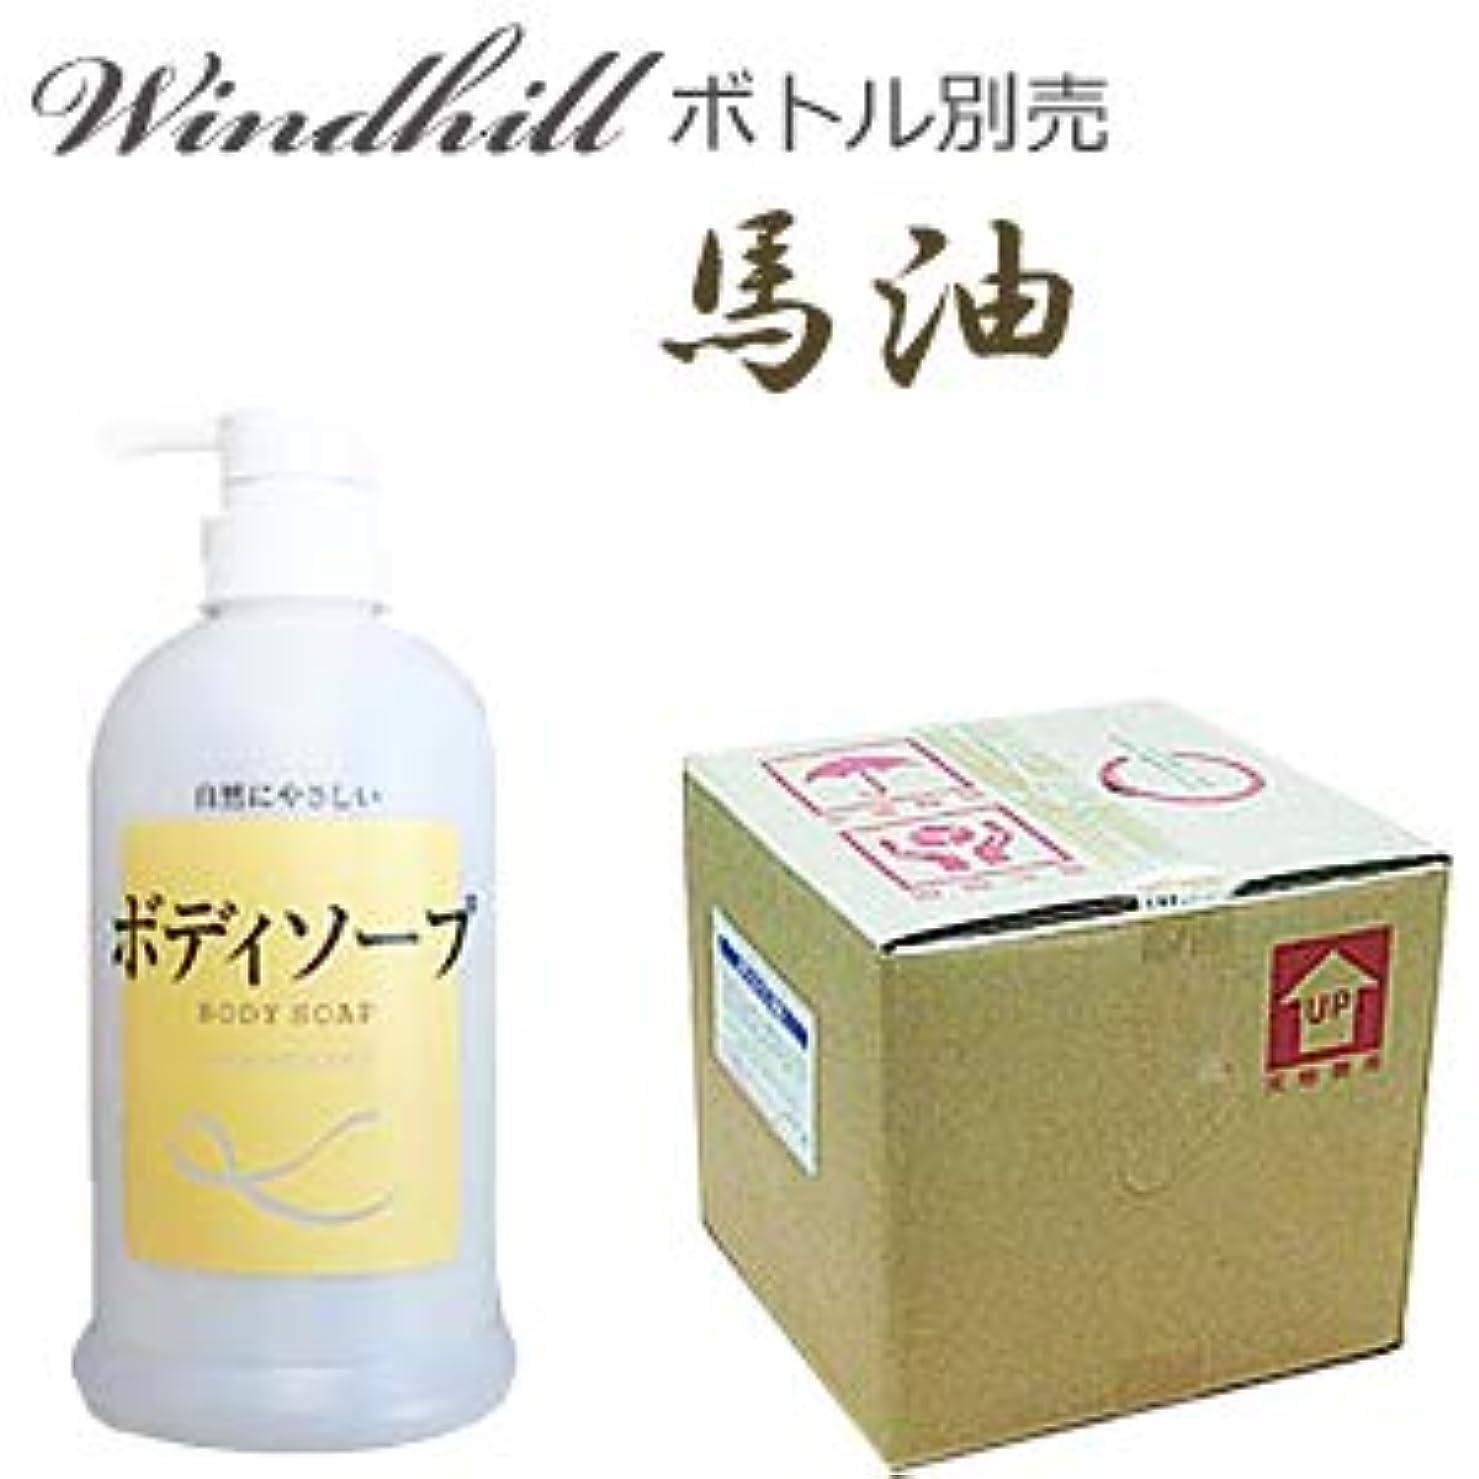 不調和カート栄光なんと! 500ml当り190円 Windhill 馬油 業務用 ボディソープ   フローラルの香り 20L